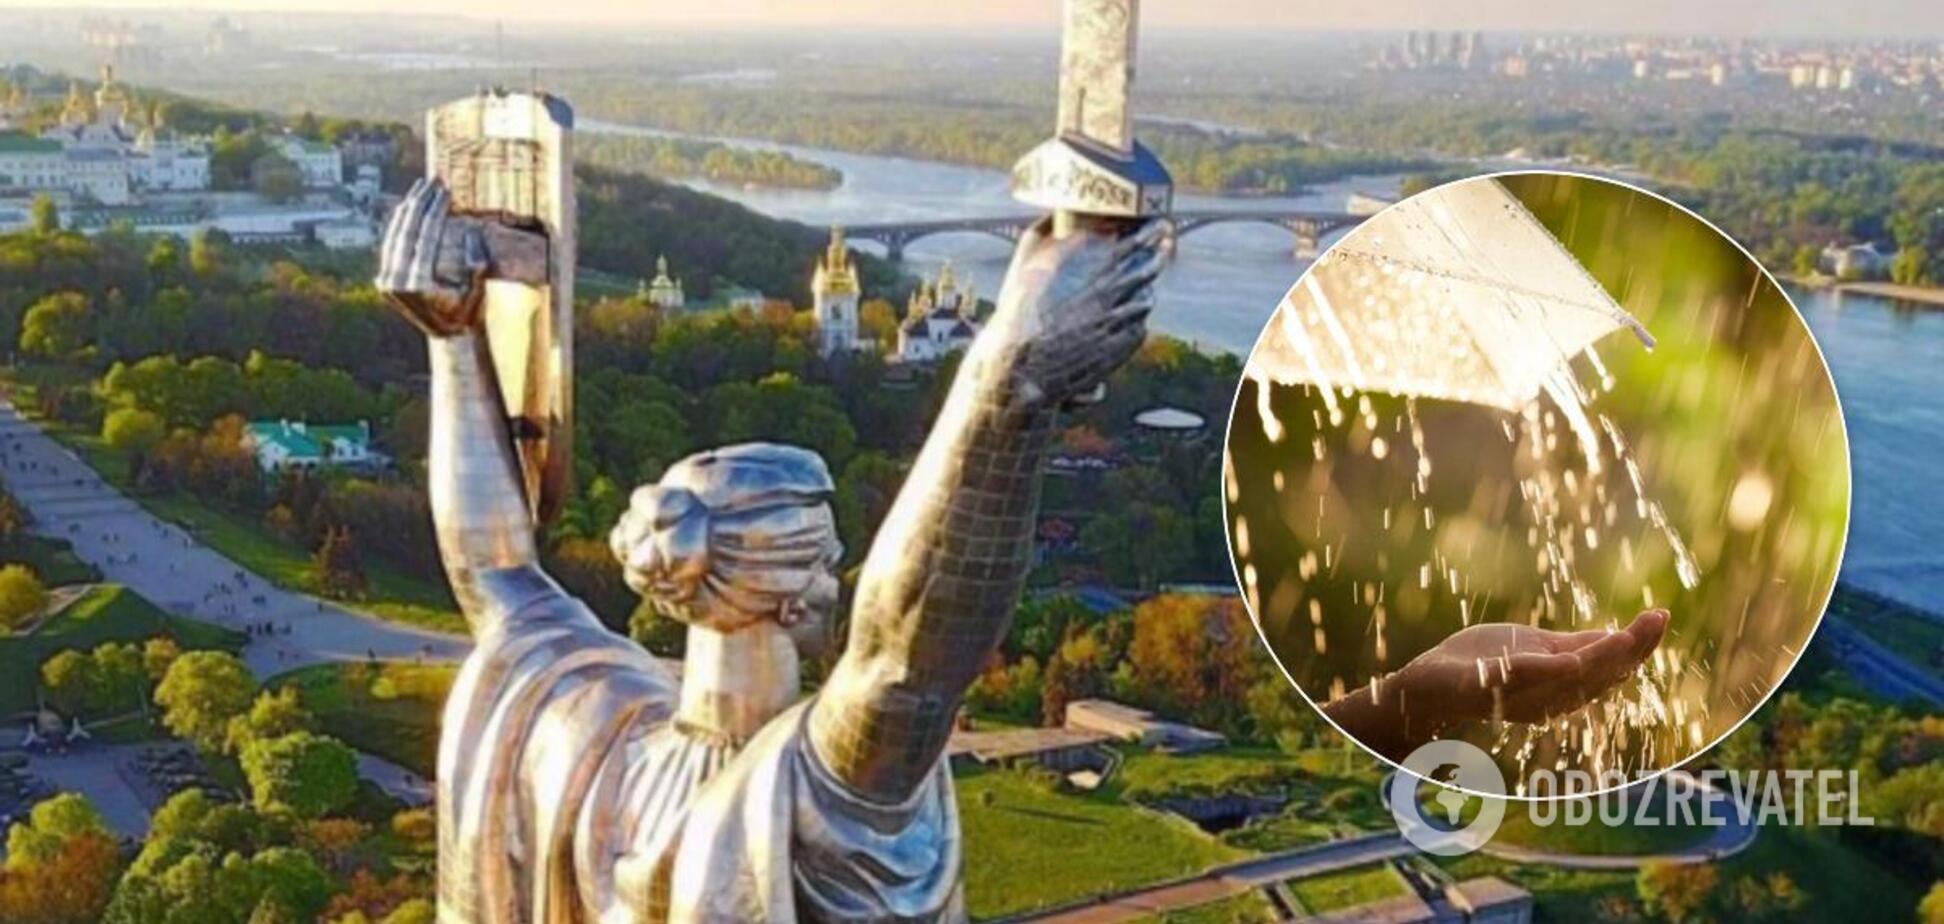 В Киеве испортится погода. Иллюстрация